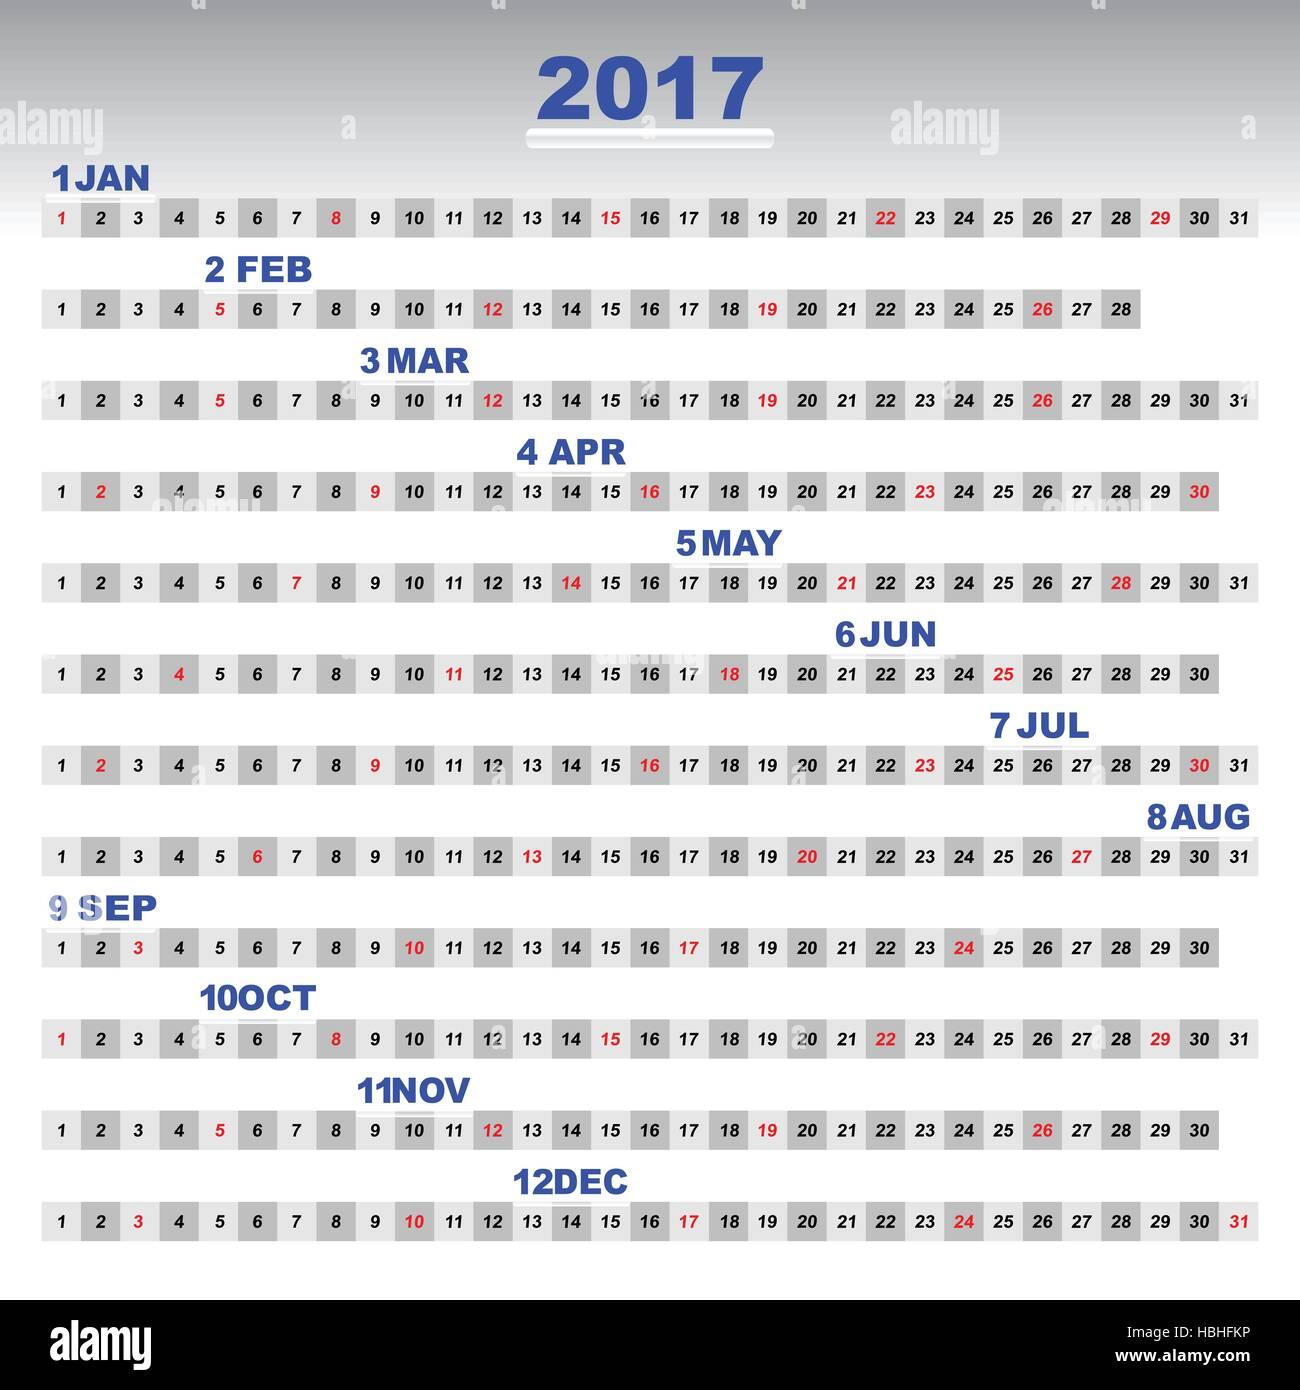 Erfreut 24 Stunden Kalendervorlage Zeitgenössisch - Beispiel ...